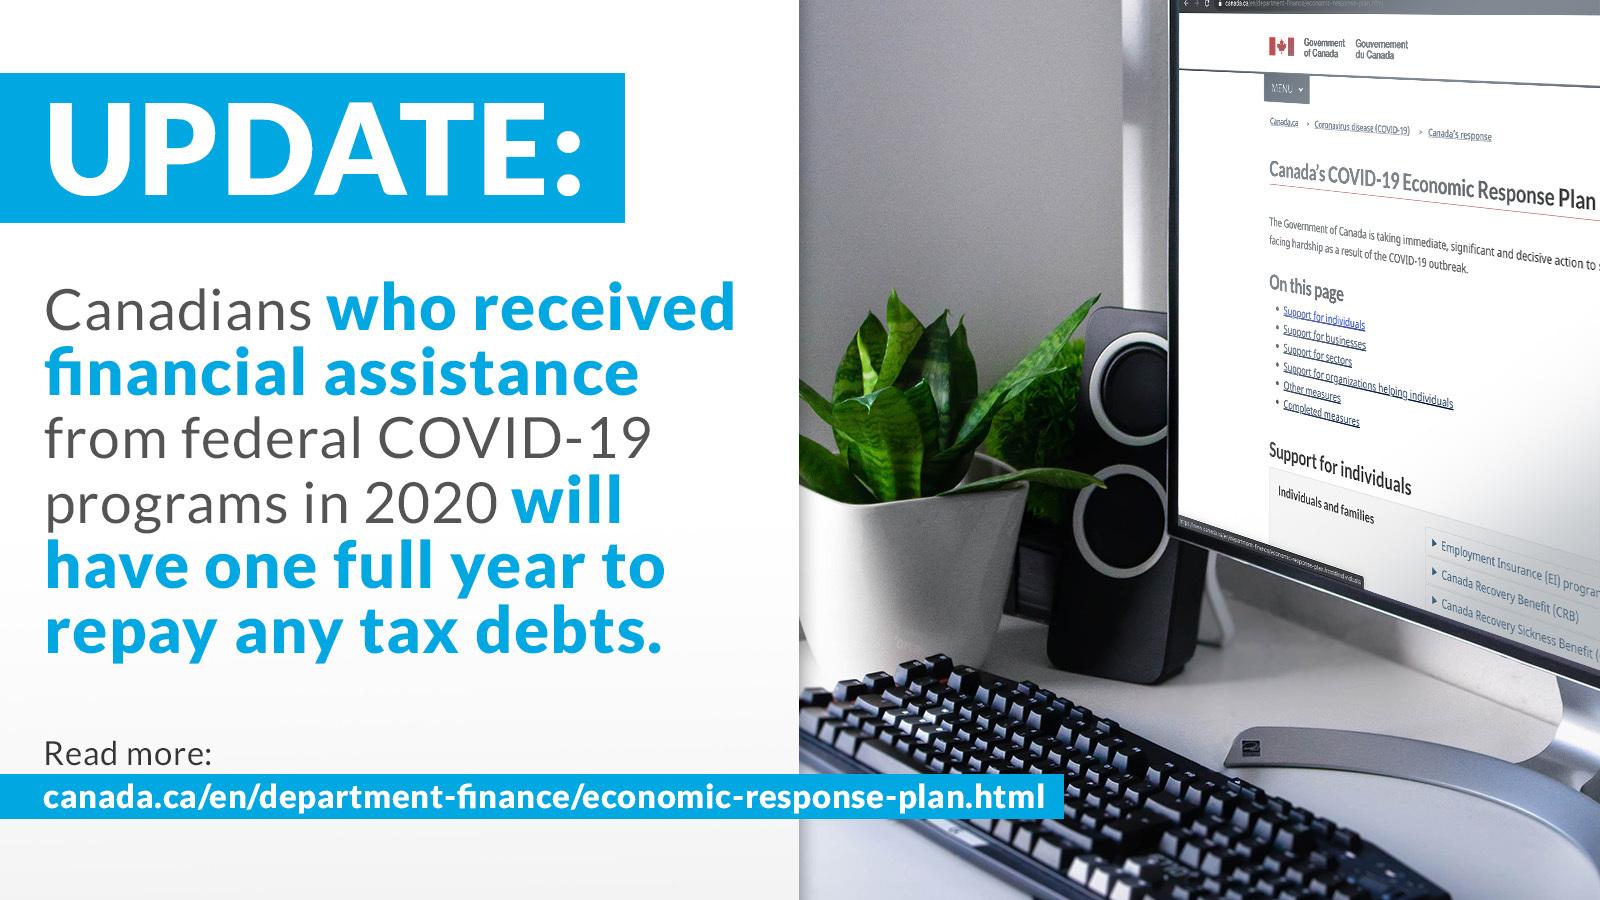 Update on Covid Tax Debts